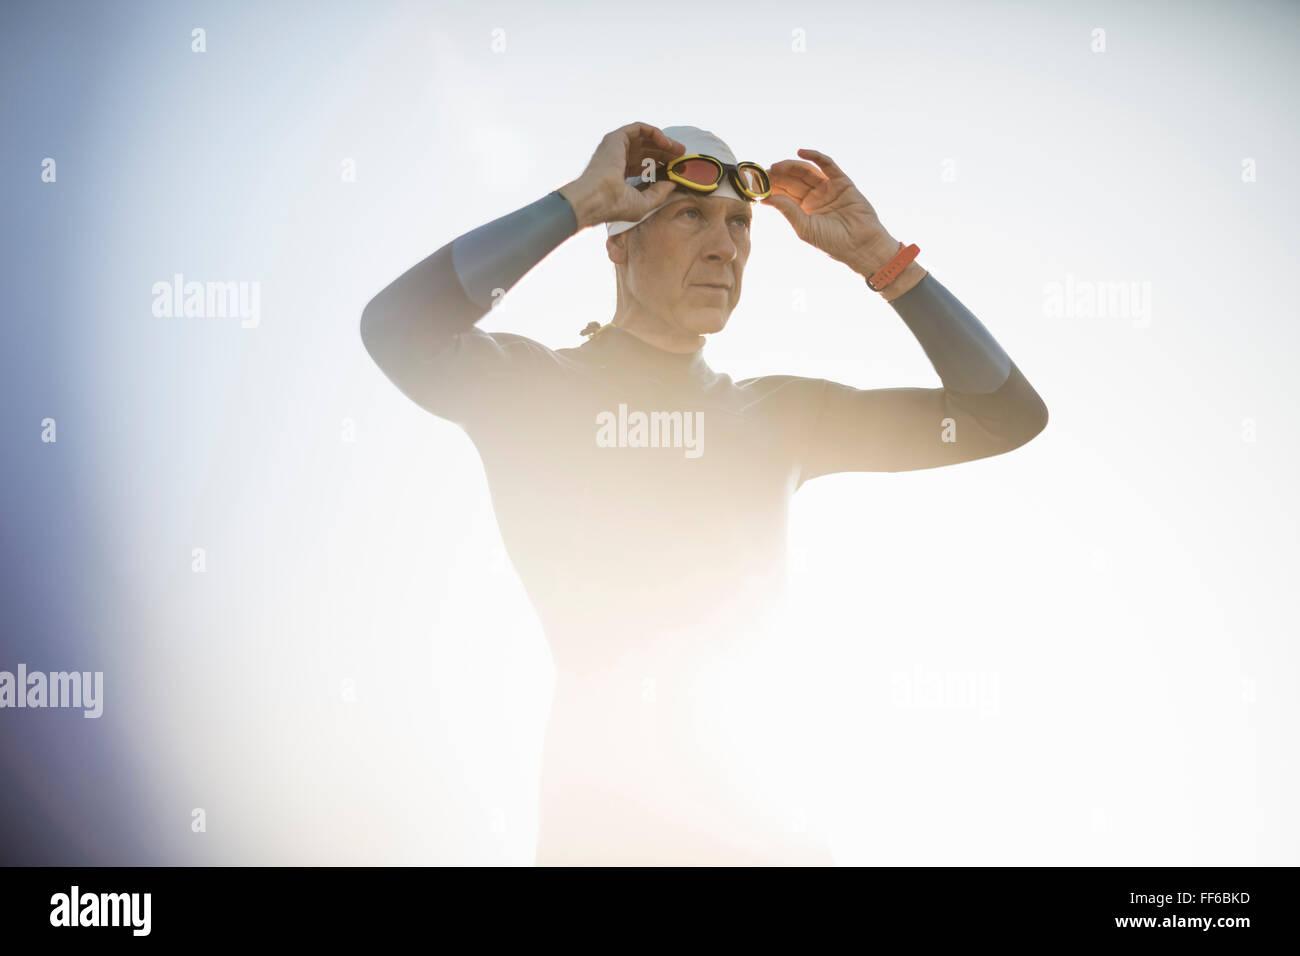 Un nadador en un traje y sombrero de natación, ajustando sus gafas de natación. Imagen De Stock